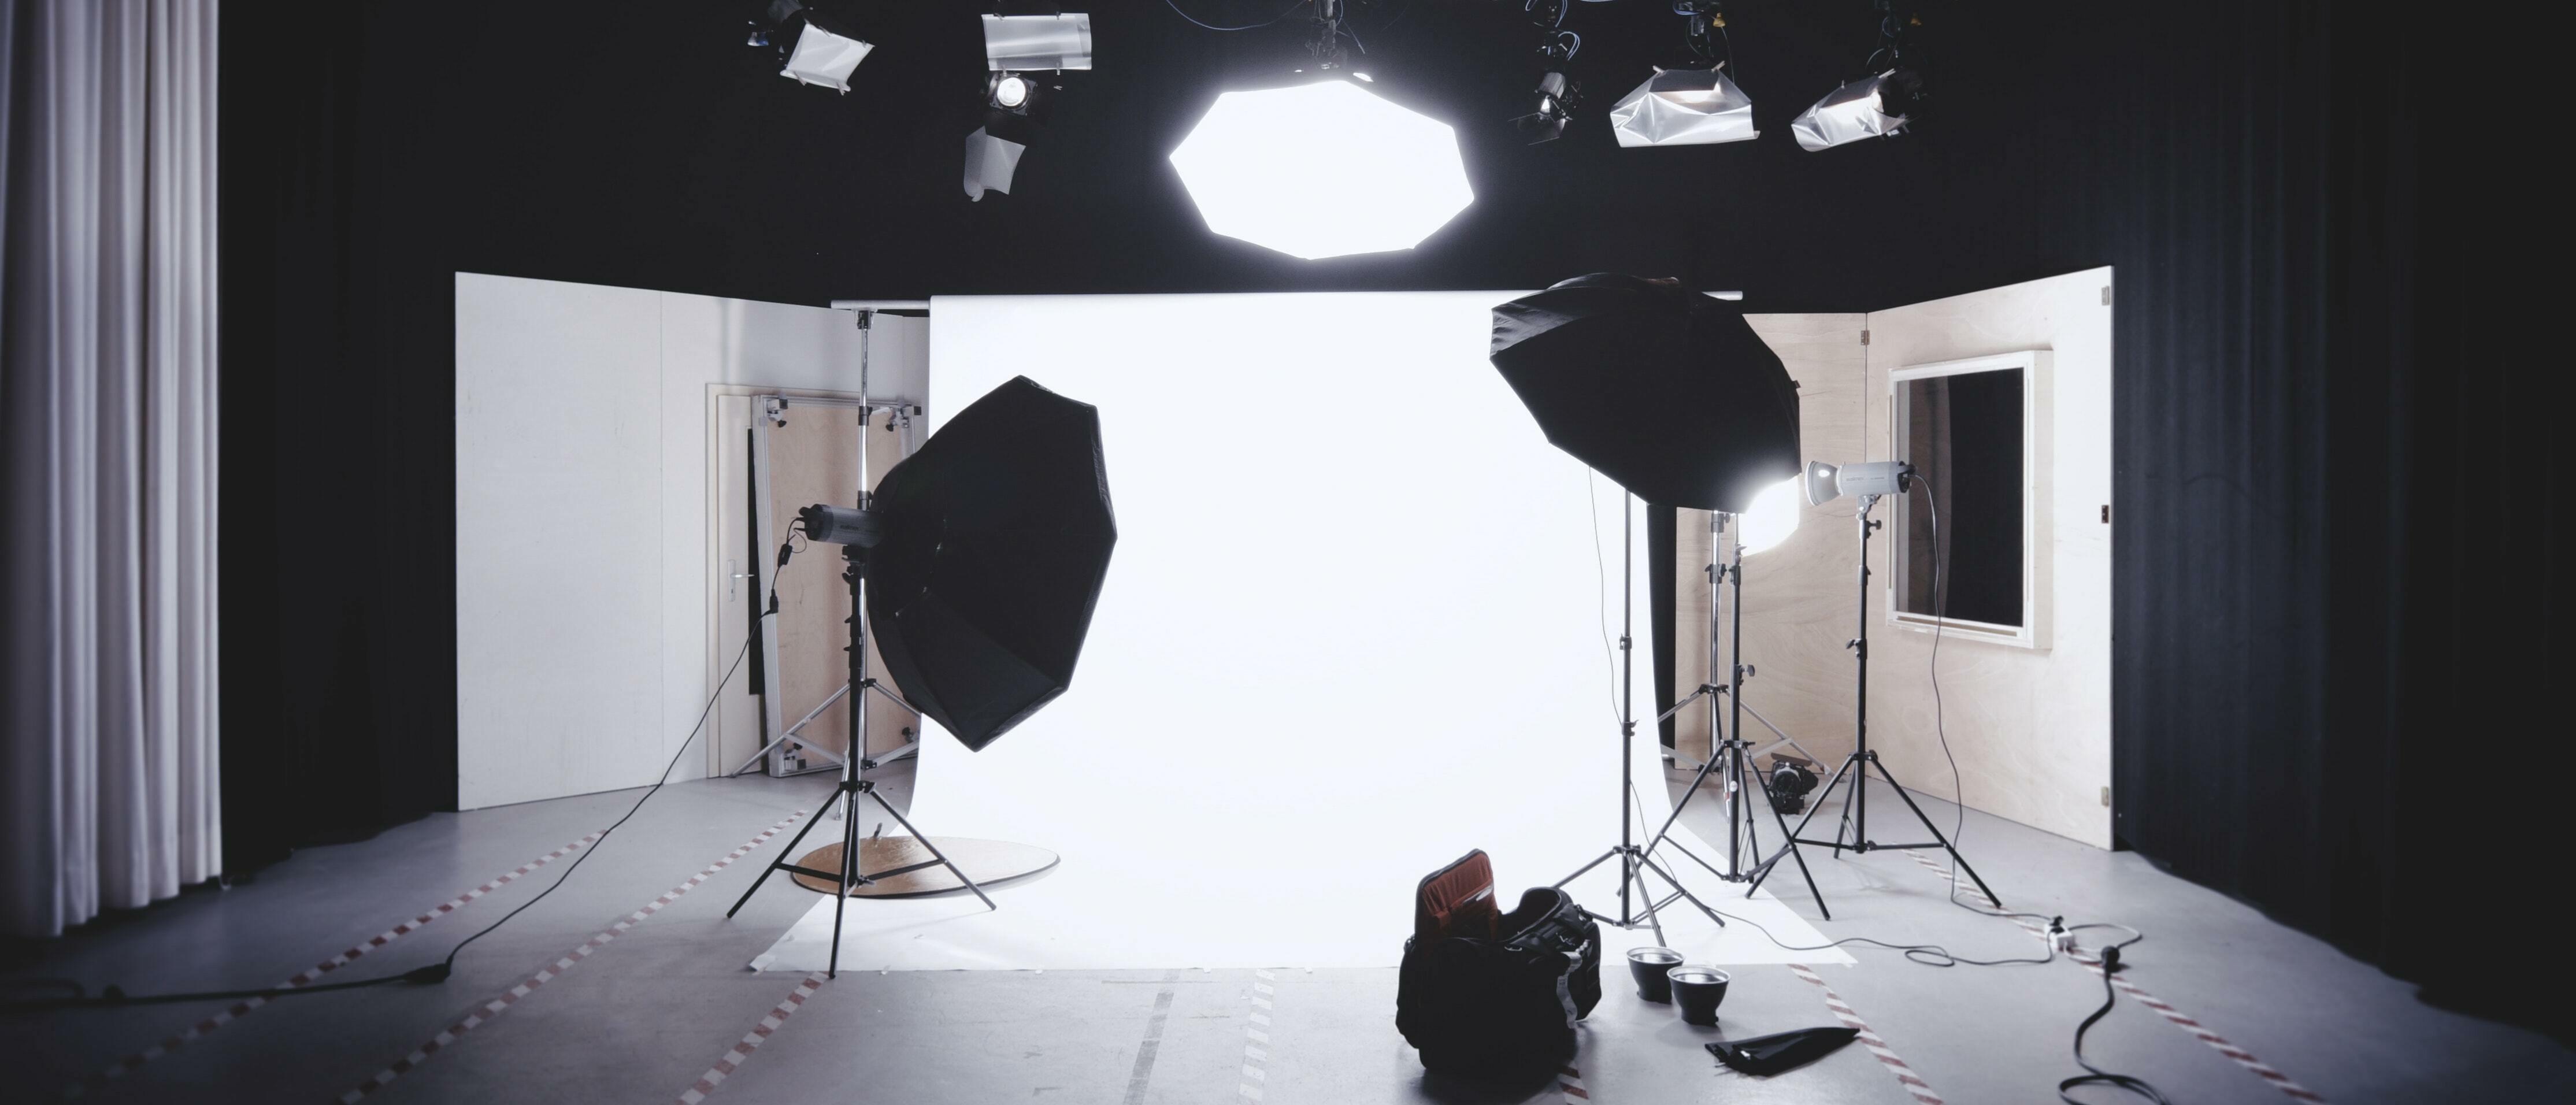 Adobe Lightroom CC: Foto-Apps im Test!